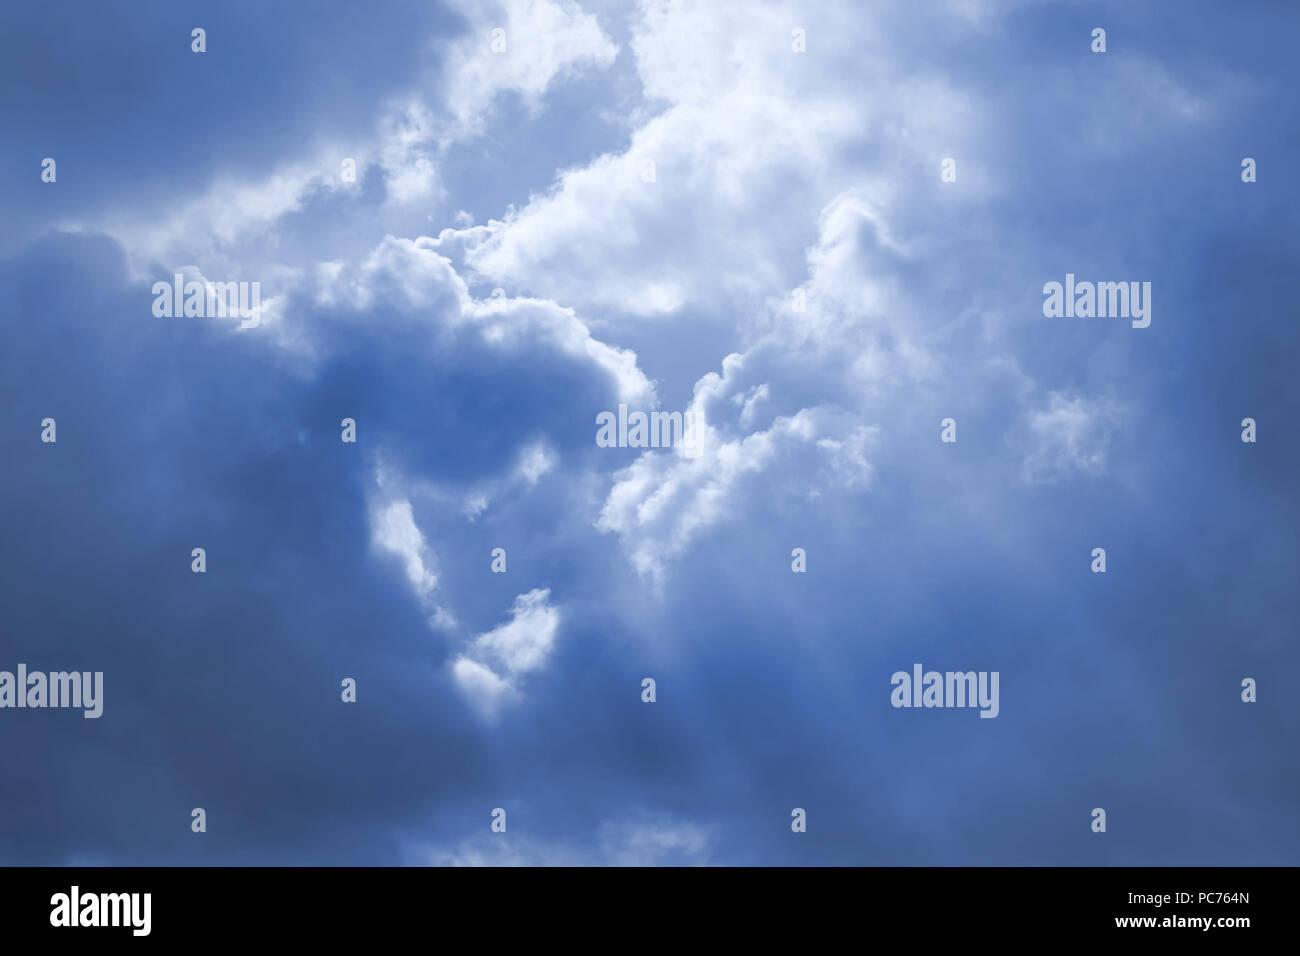 sunbeam,clouds sky - Stock Image